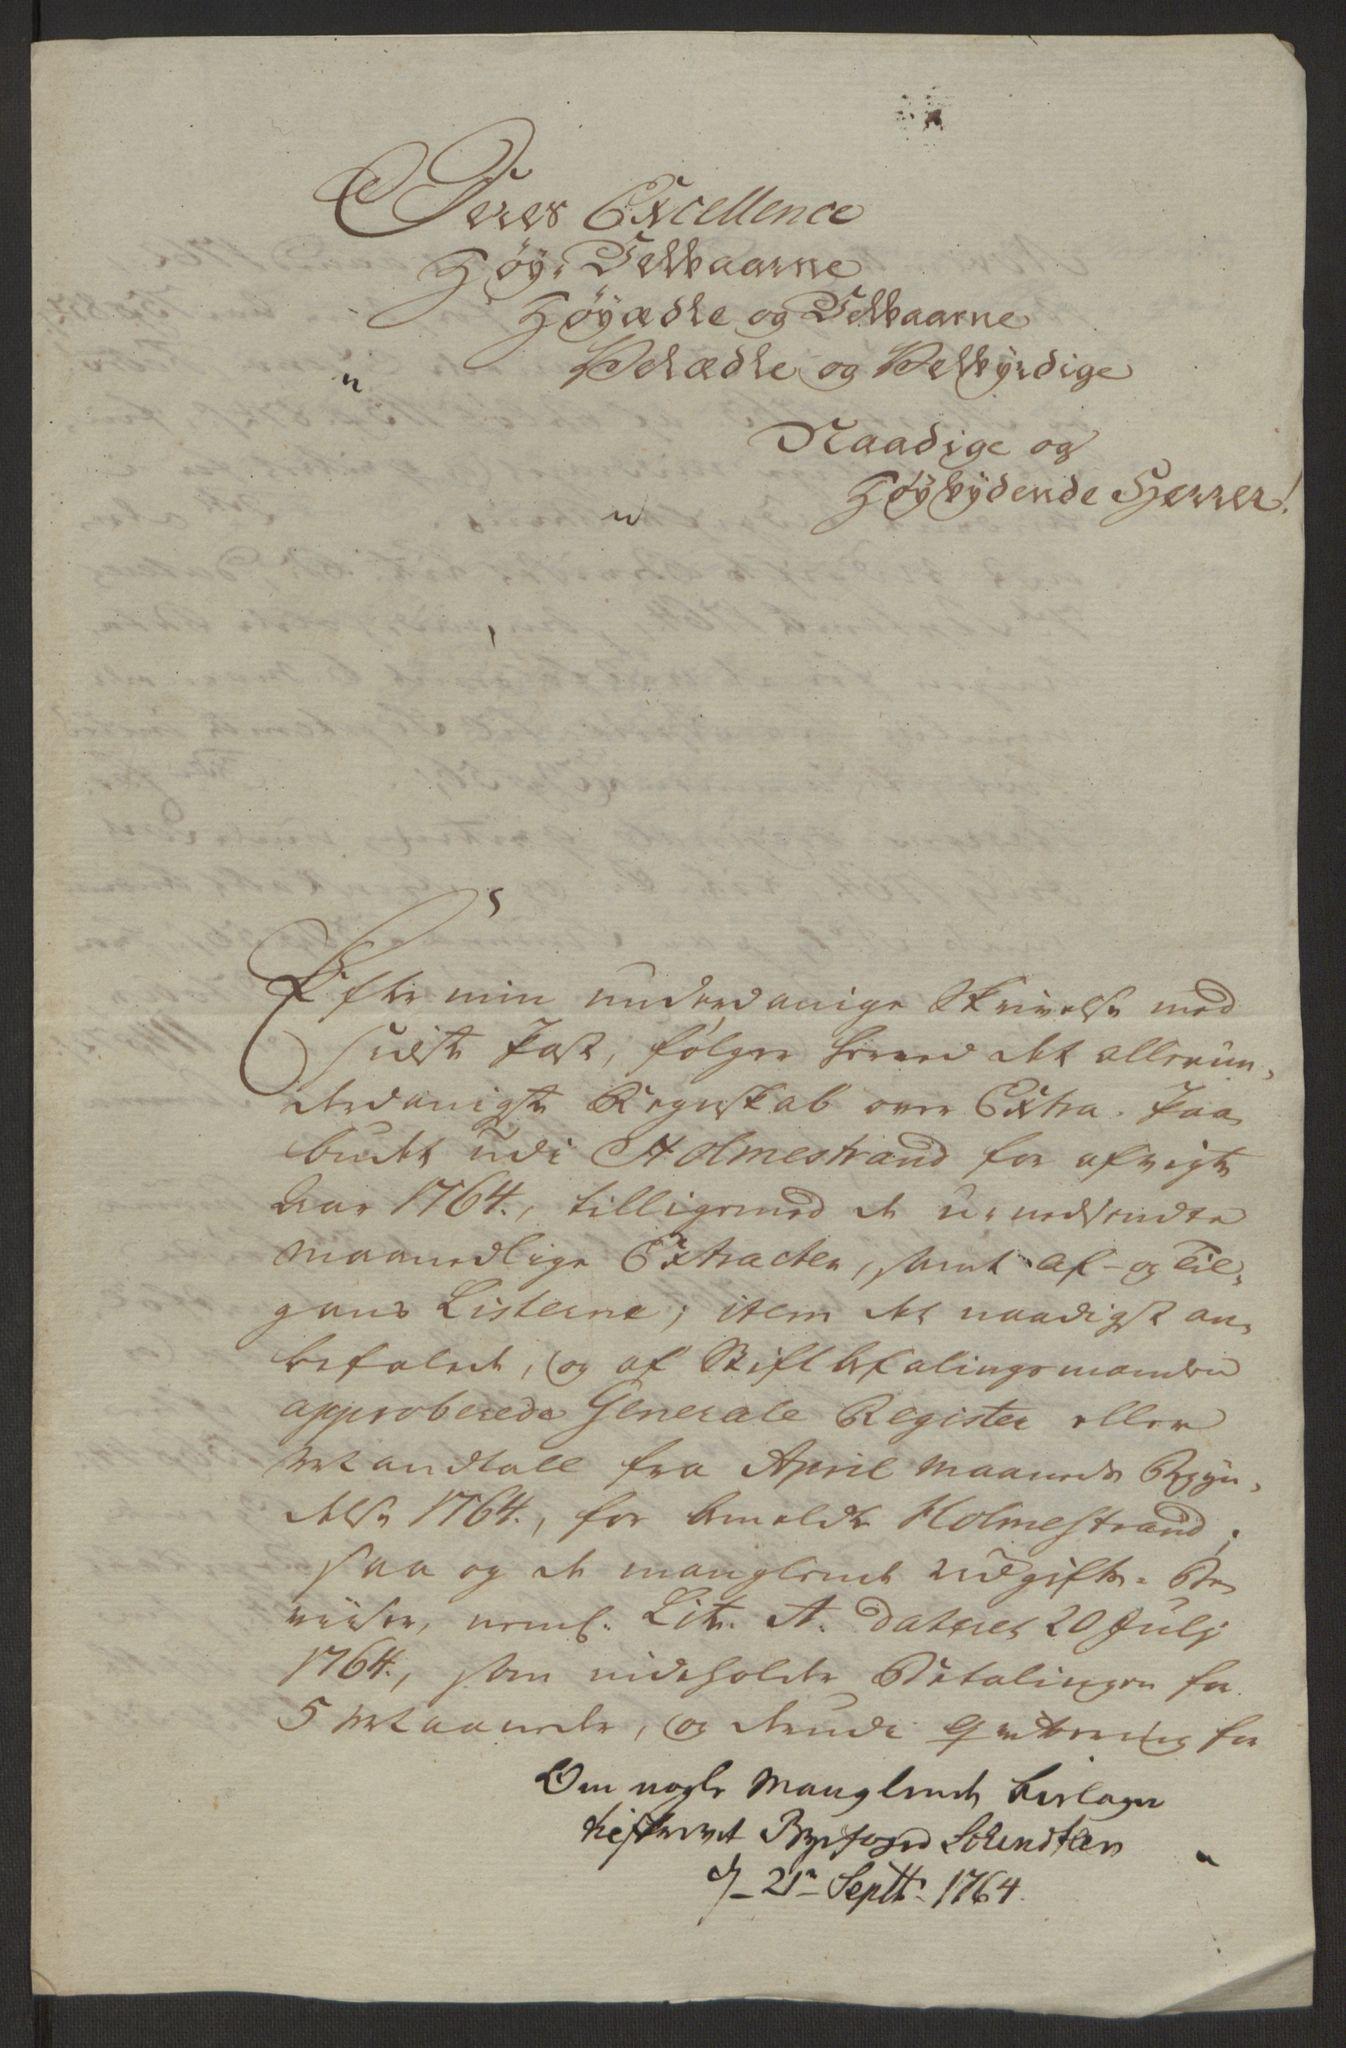 RA, Rentekammeret inntil 1814, Reviderte regnskaper, Byregnskaper, R/Rh/L0163: [H4] Kontribusjonsregnskap, 1762-1772, s. 119